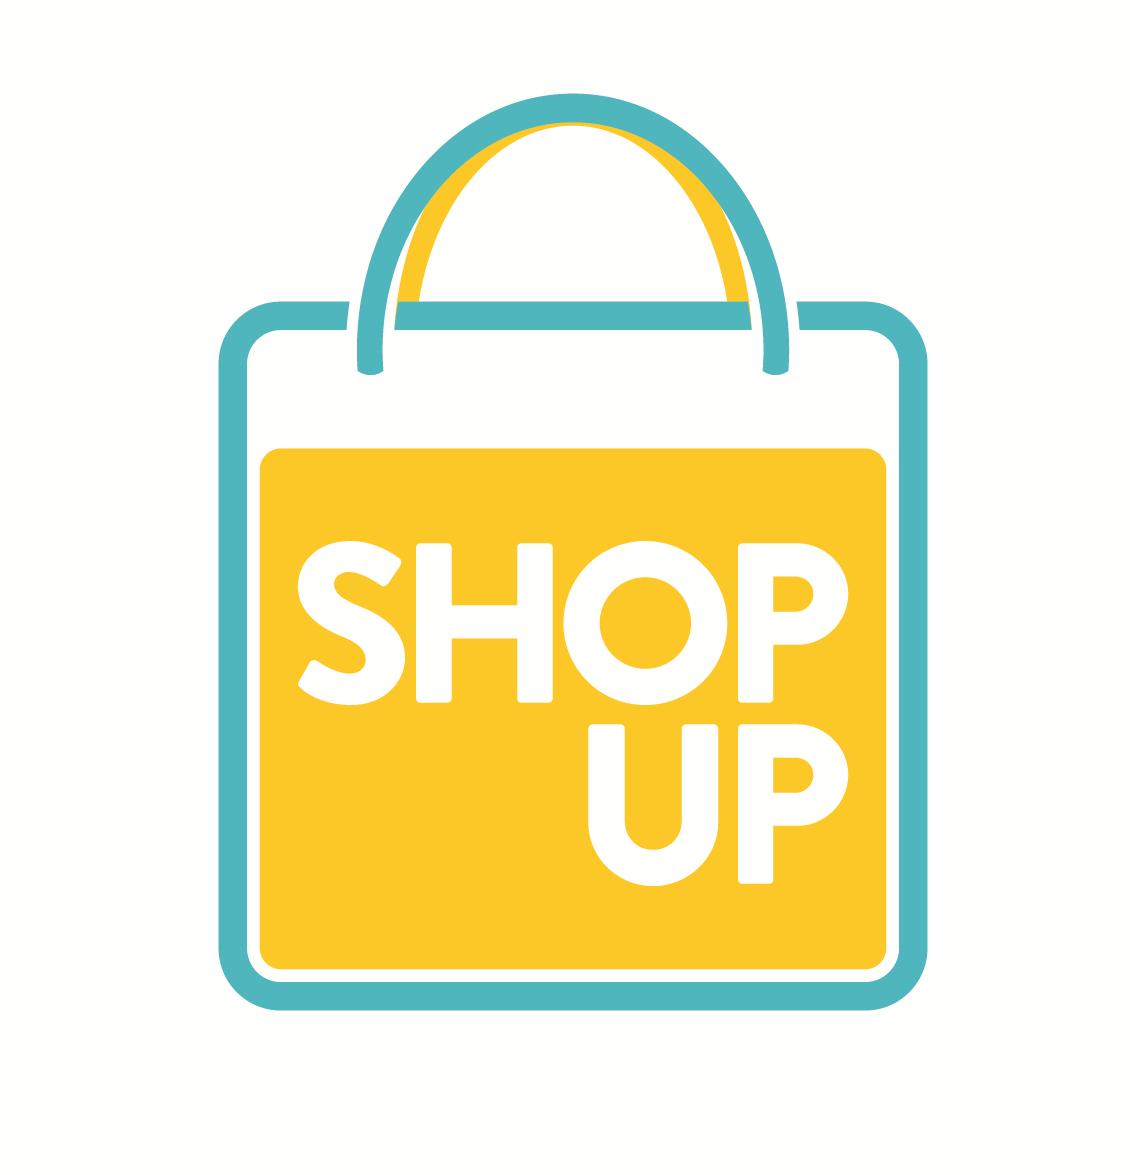 Shopfront Limited logo